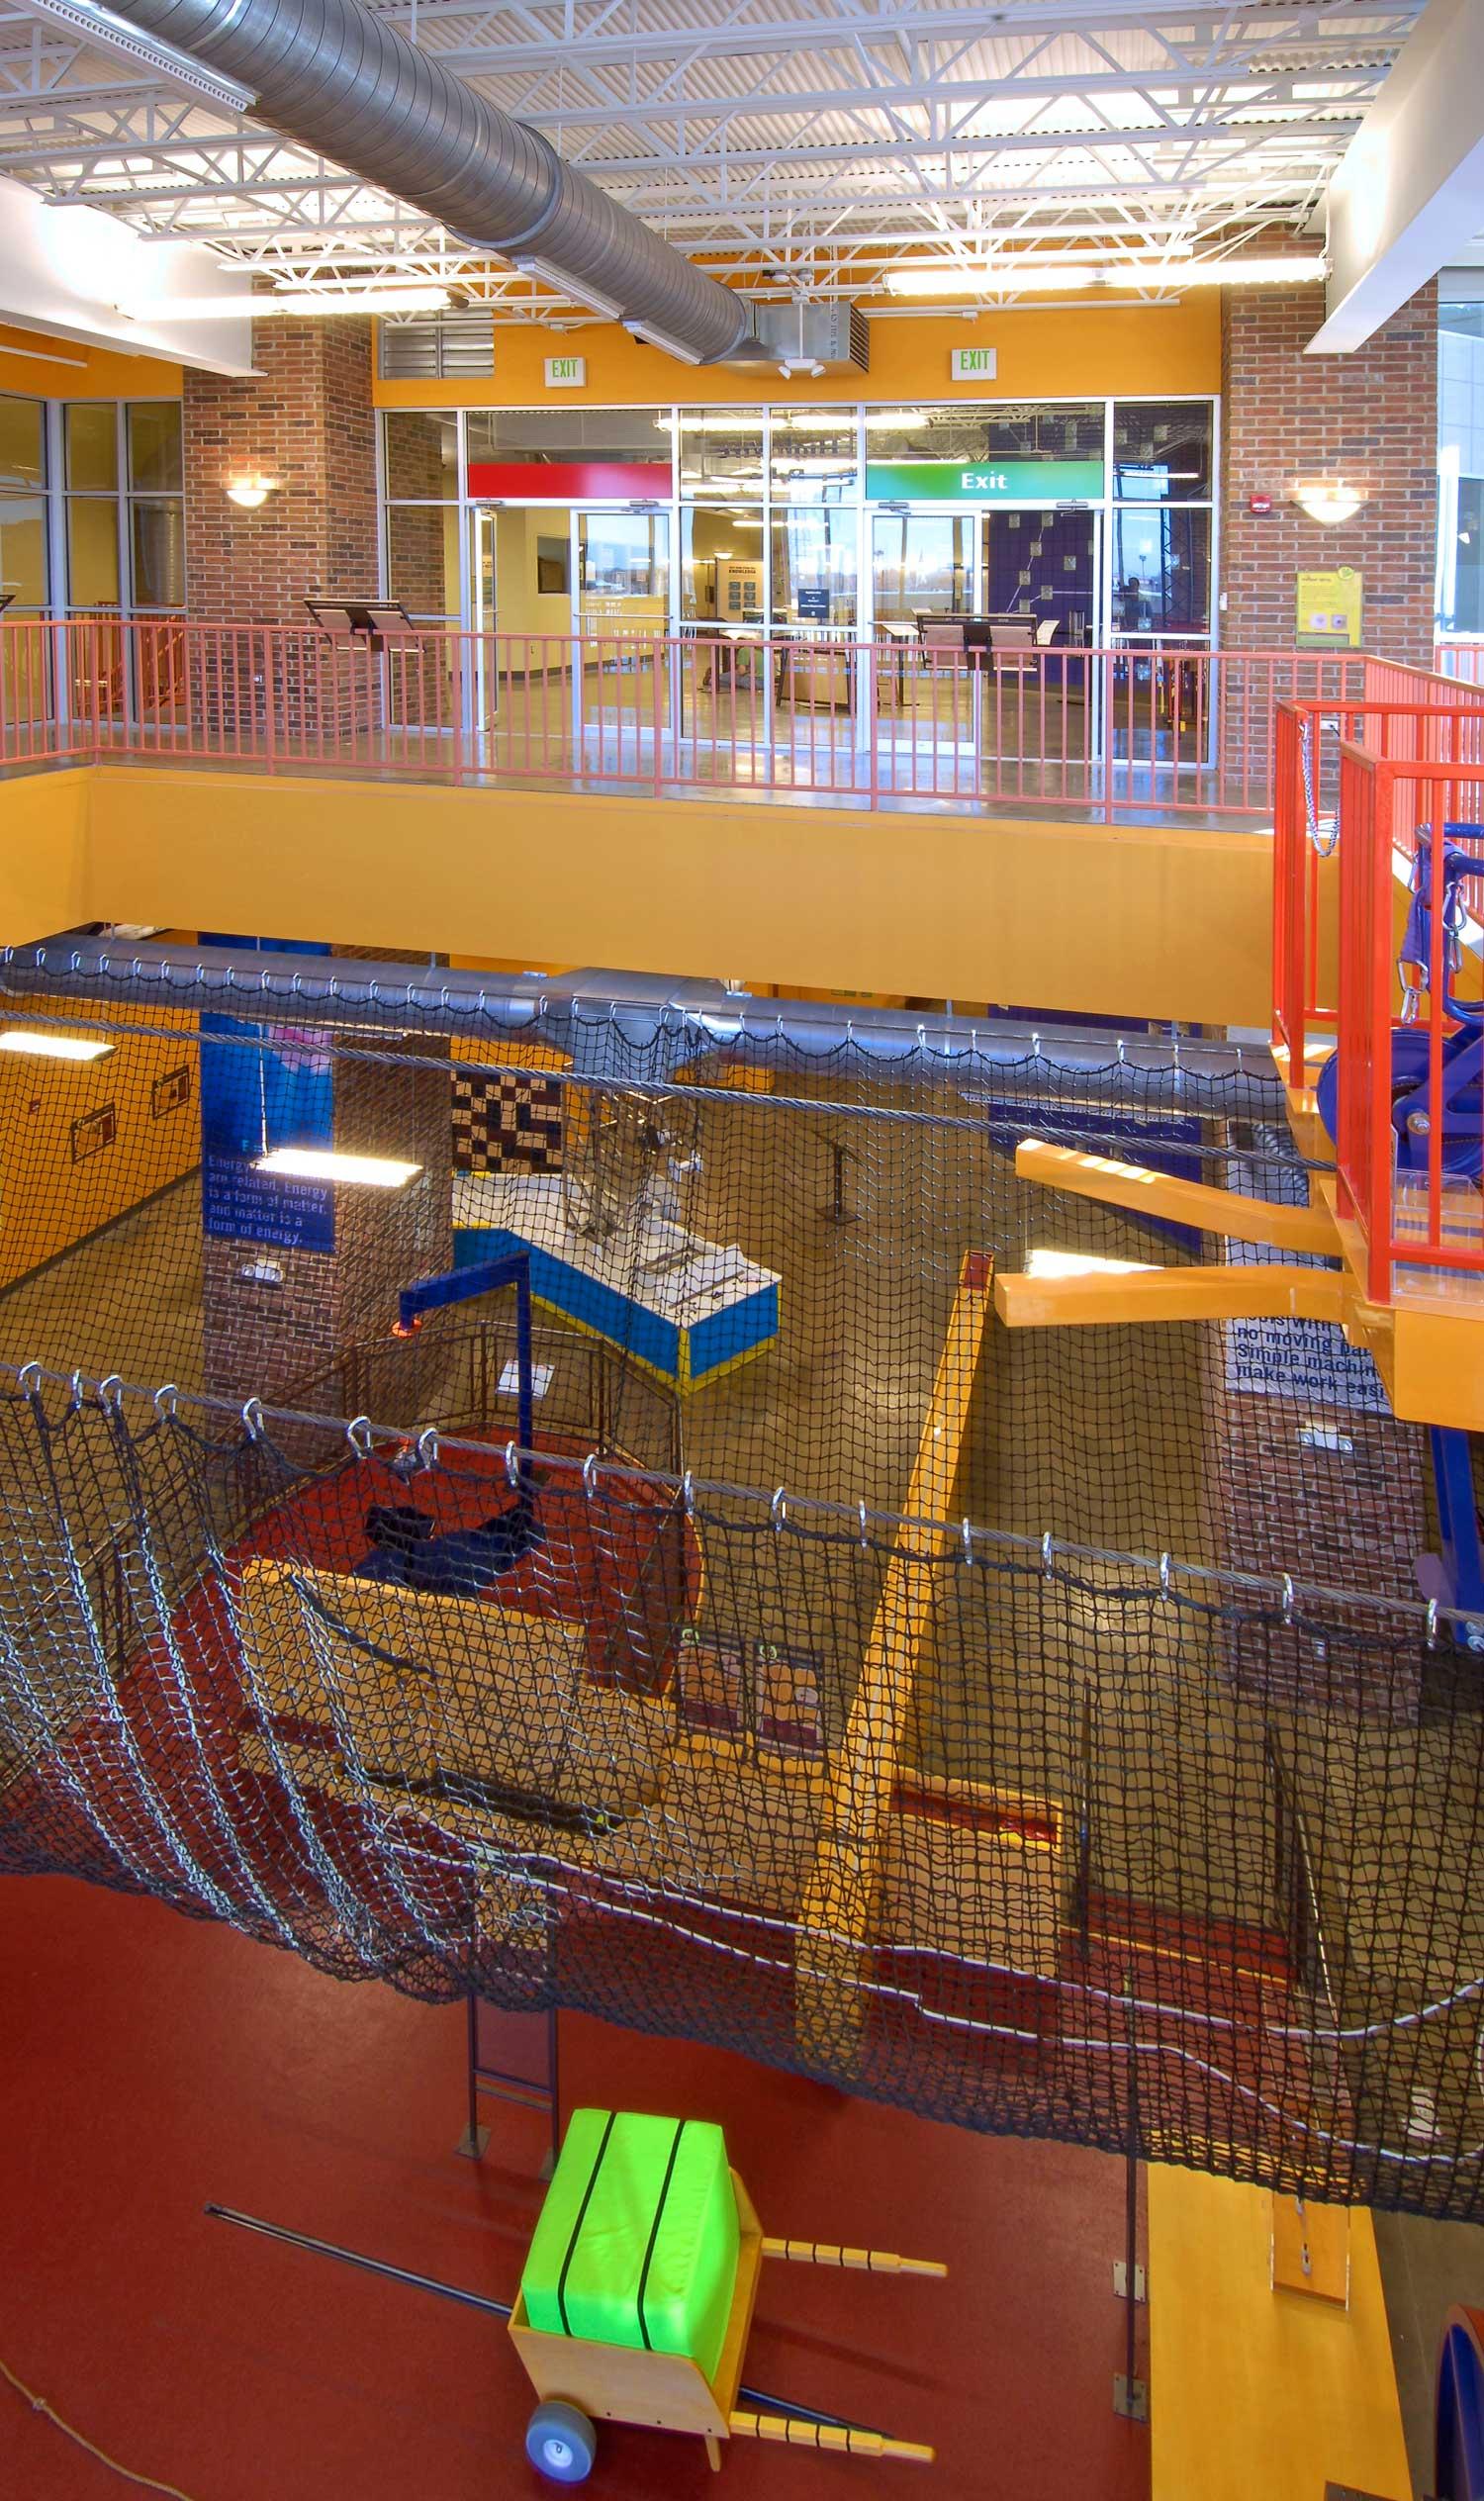 Discovery-Center-H-Design-Interior-02.jpg